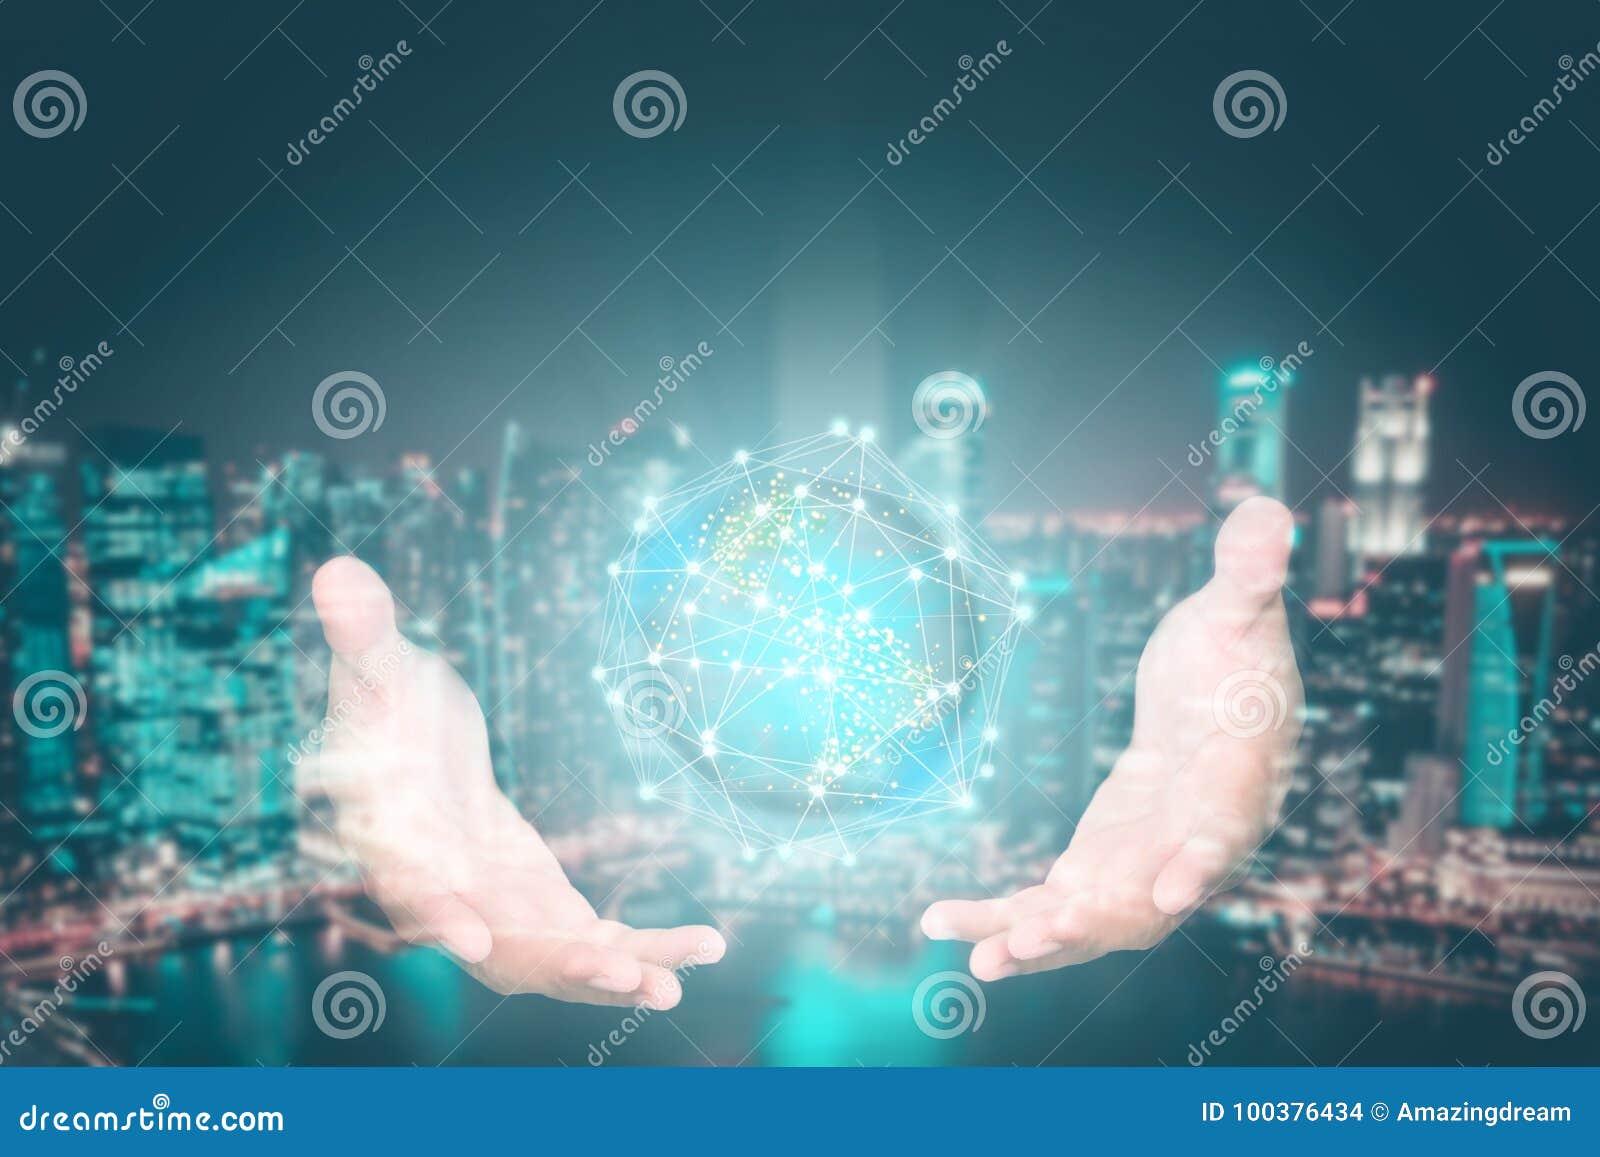 Kreatywnie abstrakcjonistyczny technologii tło, Nowatorski, pomysł i futurystyczny myślący pojęcie